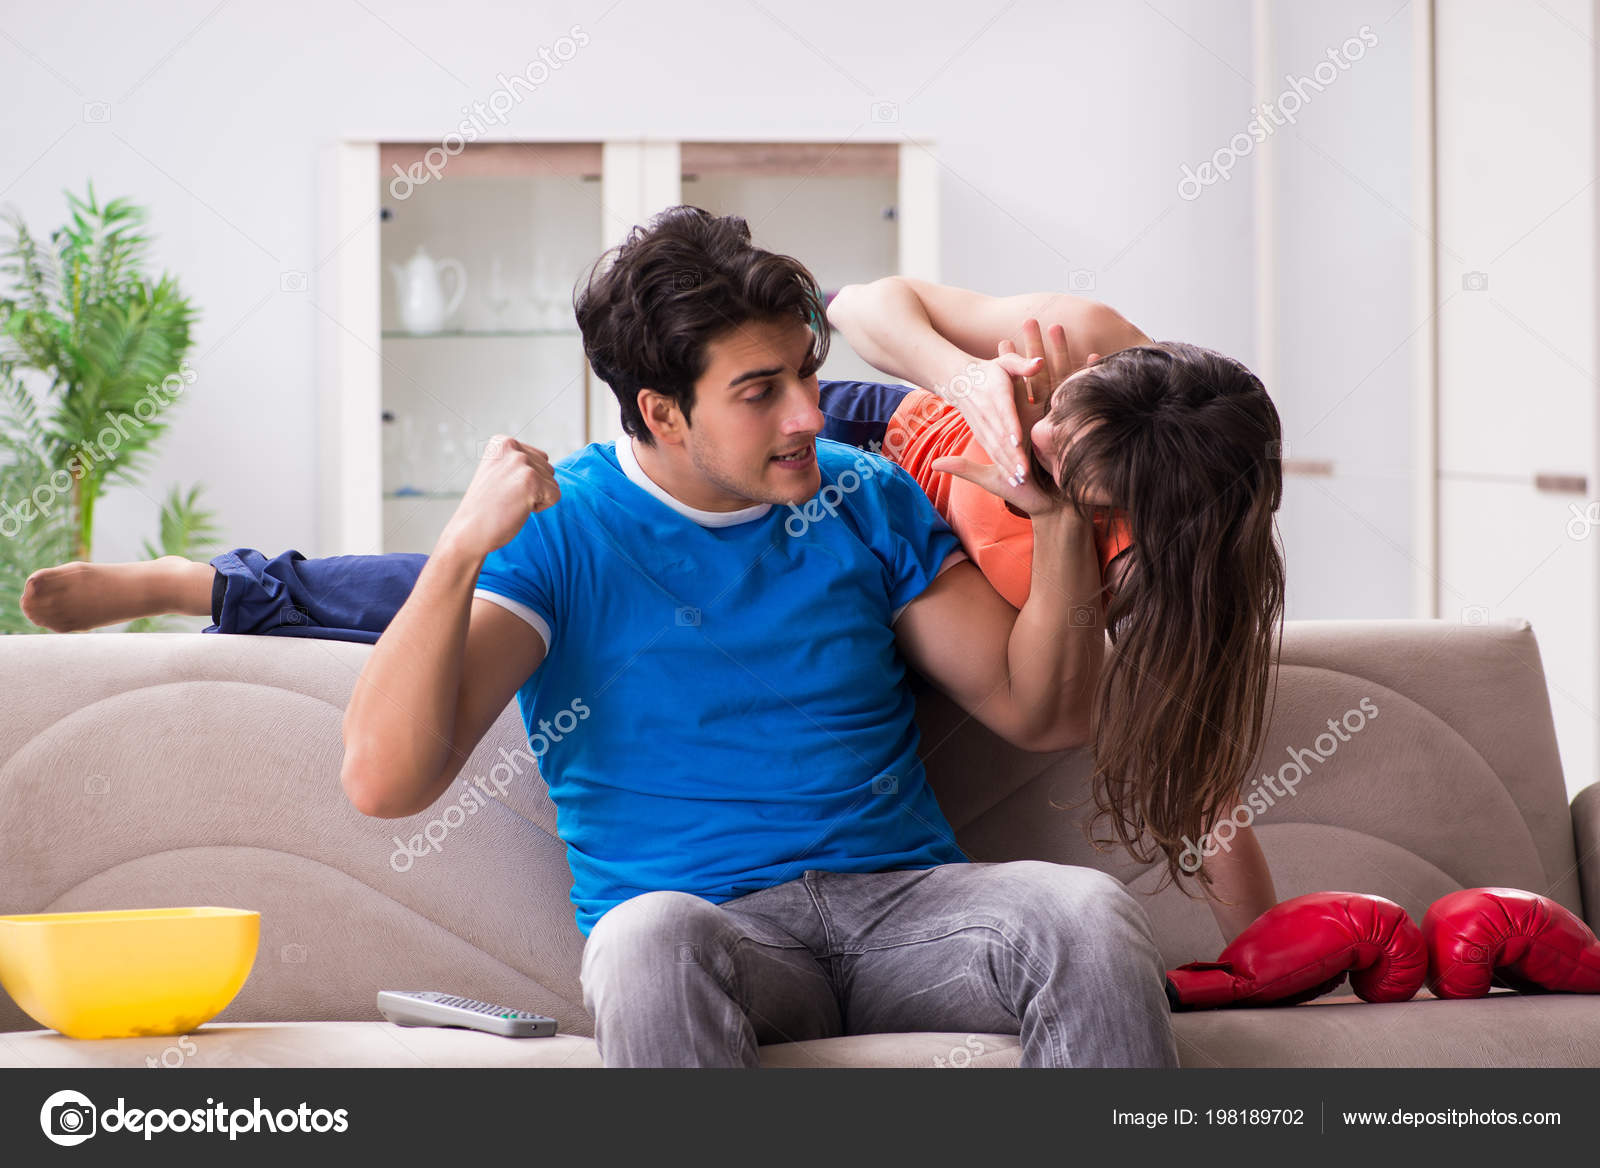 Трахнул пока муж смотрел футбол с другом, Жена тихо изменяет мужу с его лучшим другом во время 21 фотография